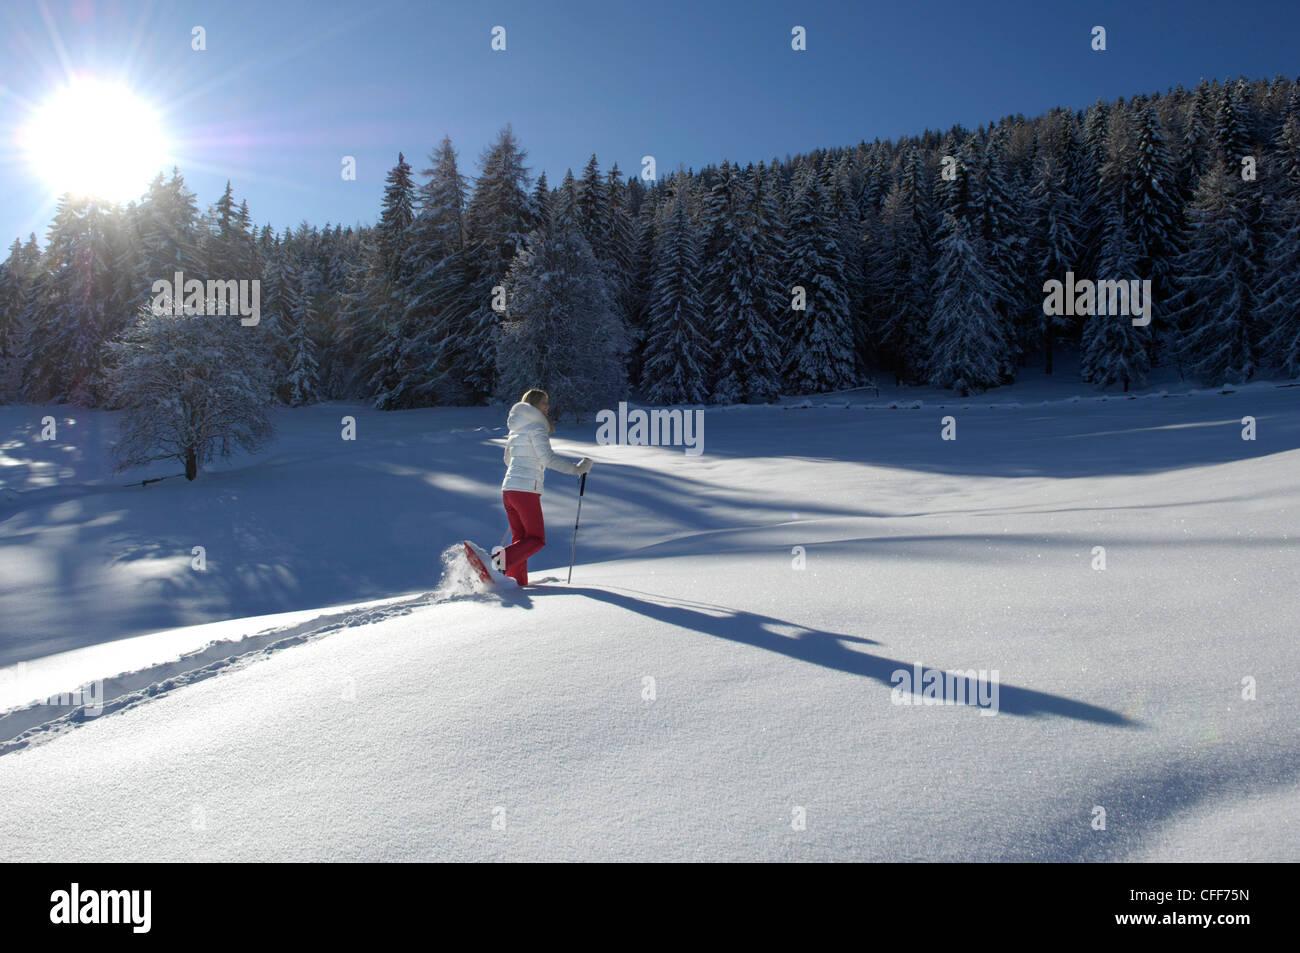 Une personne de raquette en paysage de neige, l'Alto Adige, le Tyrol du Sud, Italie, Europe Photo Stock